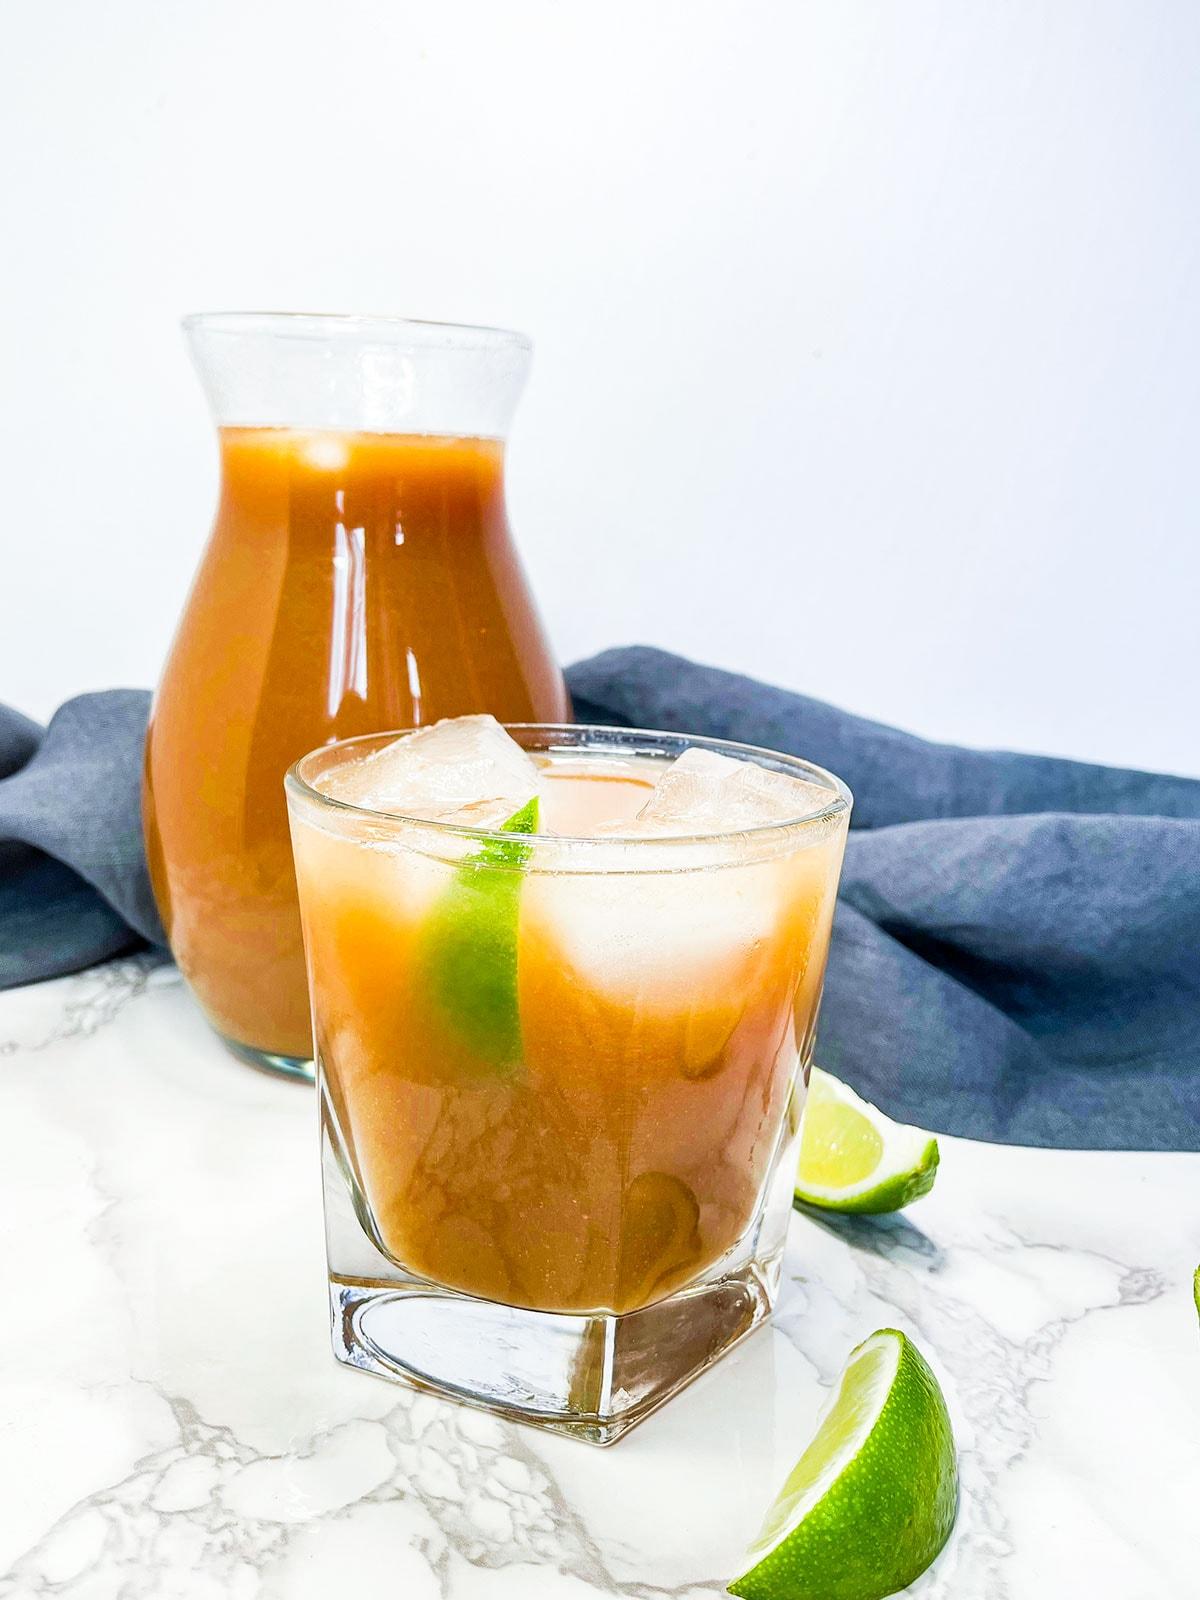 Tamarind Juice Recipe